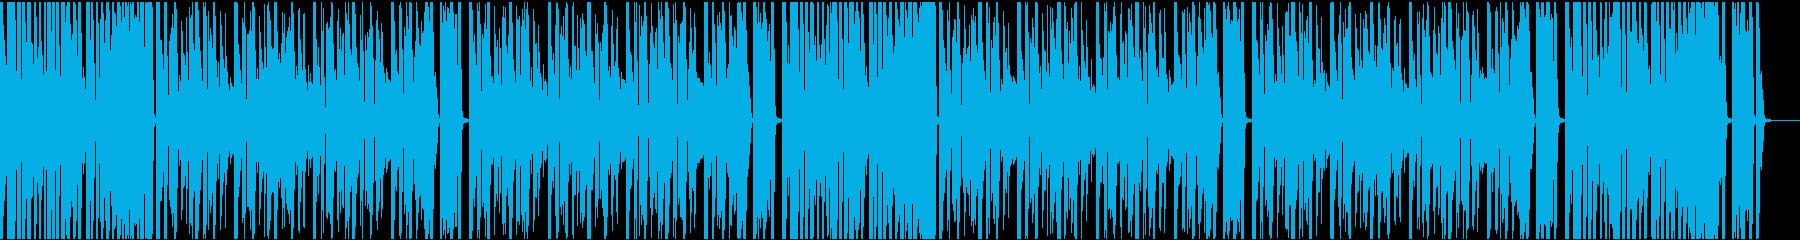 9秒でサビ、イケイケ/カラオケの再生済みの波形